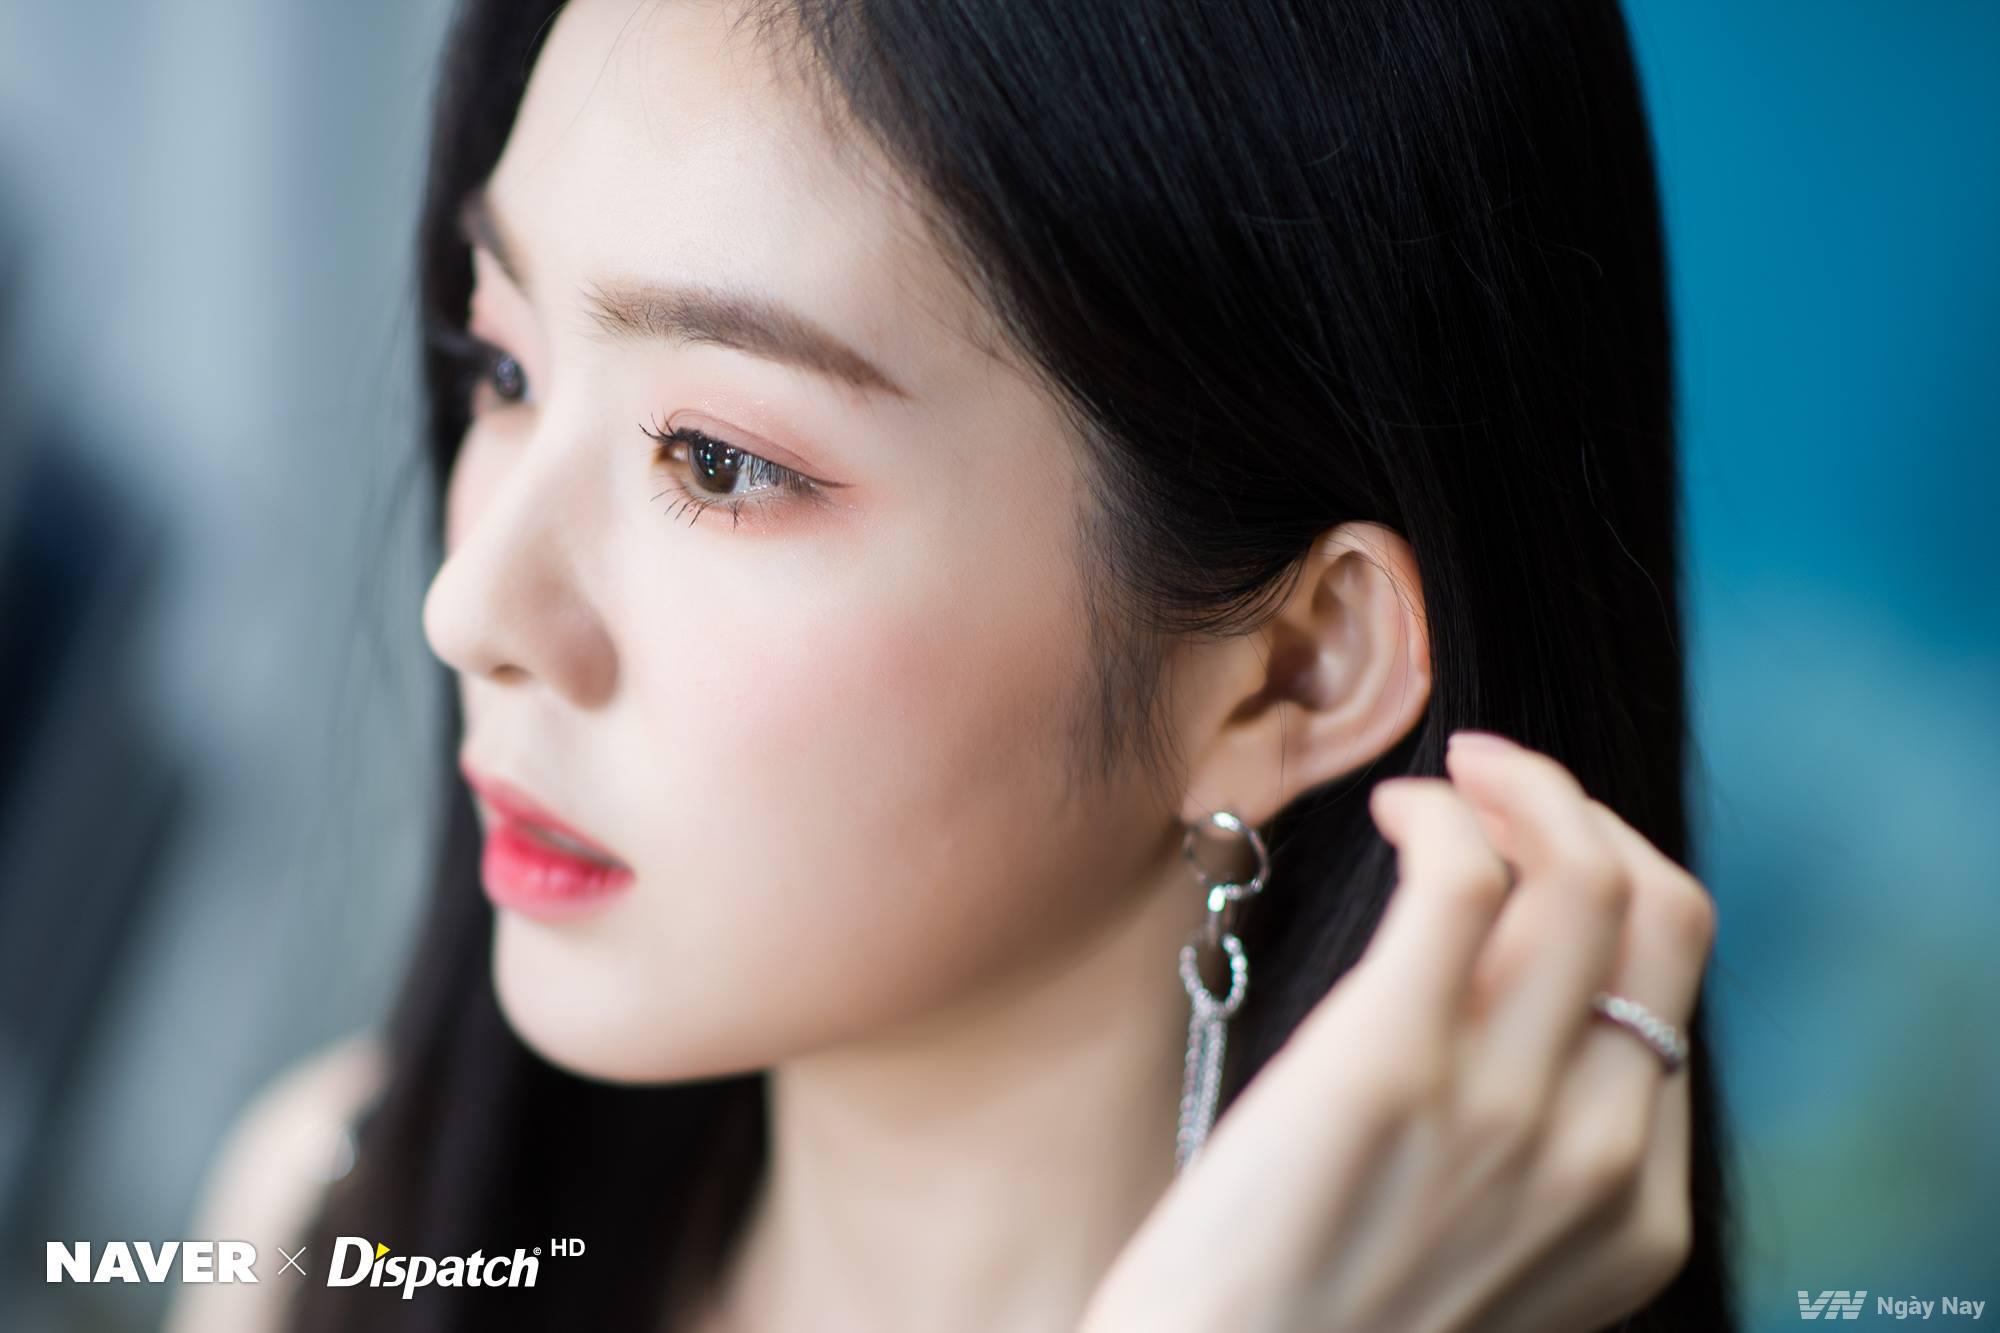 Top 7 idol nữ sở hữu chiếc mũi cao tự nhiên nhất: Jisoo với góc nghiêng xuất sắc nhưng phải chịu thua vẻ đẹp của người này - Ảnh 11